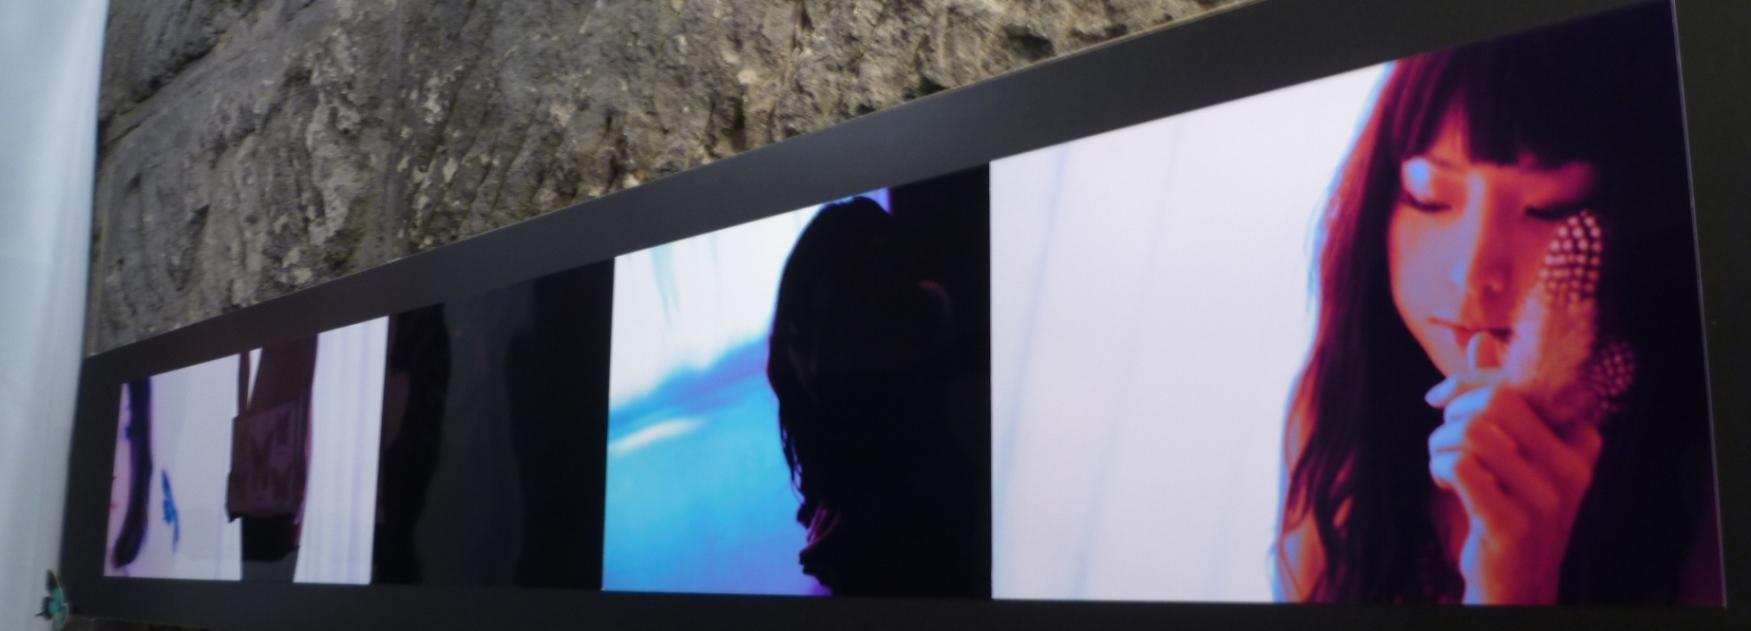 """1381) ニュー・スター「keiko kawano(ケイコ カワノ)・写真展 """"girly""""」 終了・9月2日(木)~9月15日(水)_f0126829_183434100.jpg"""